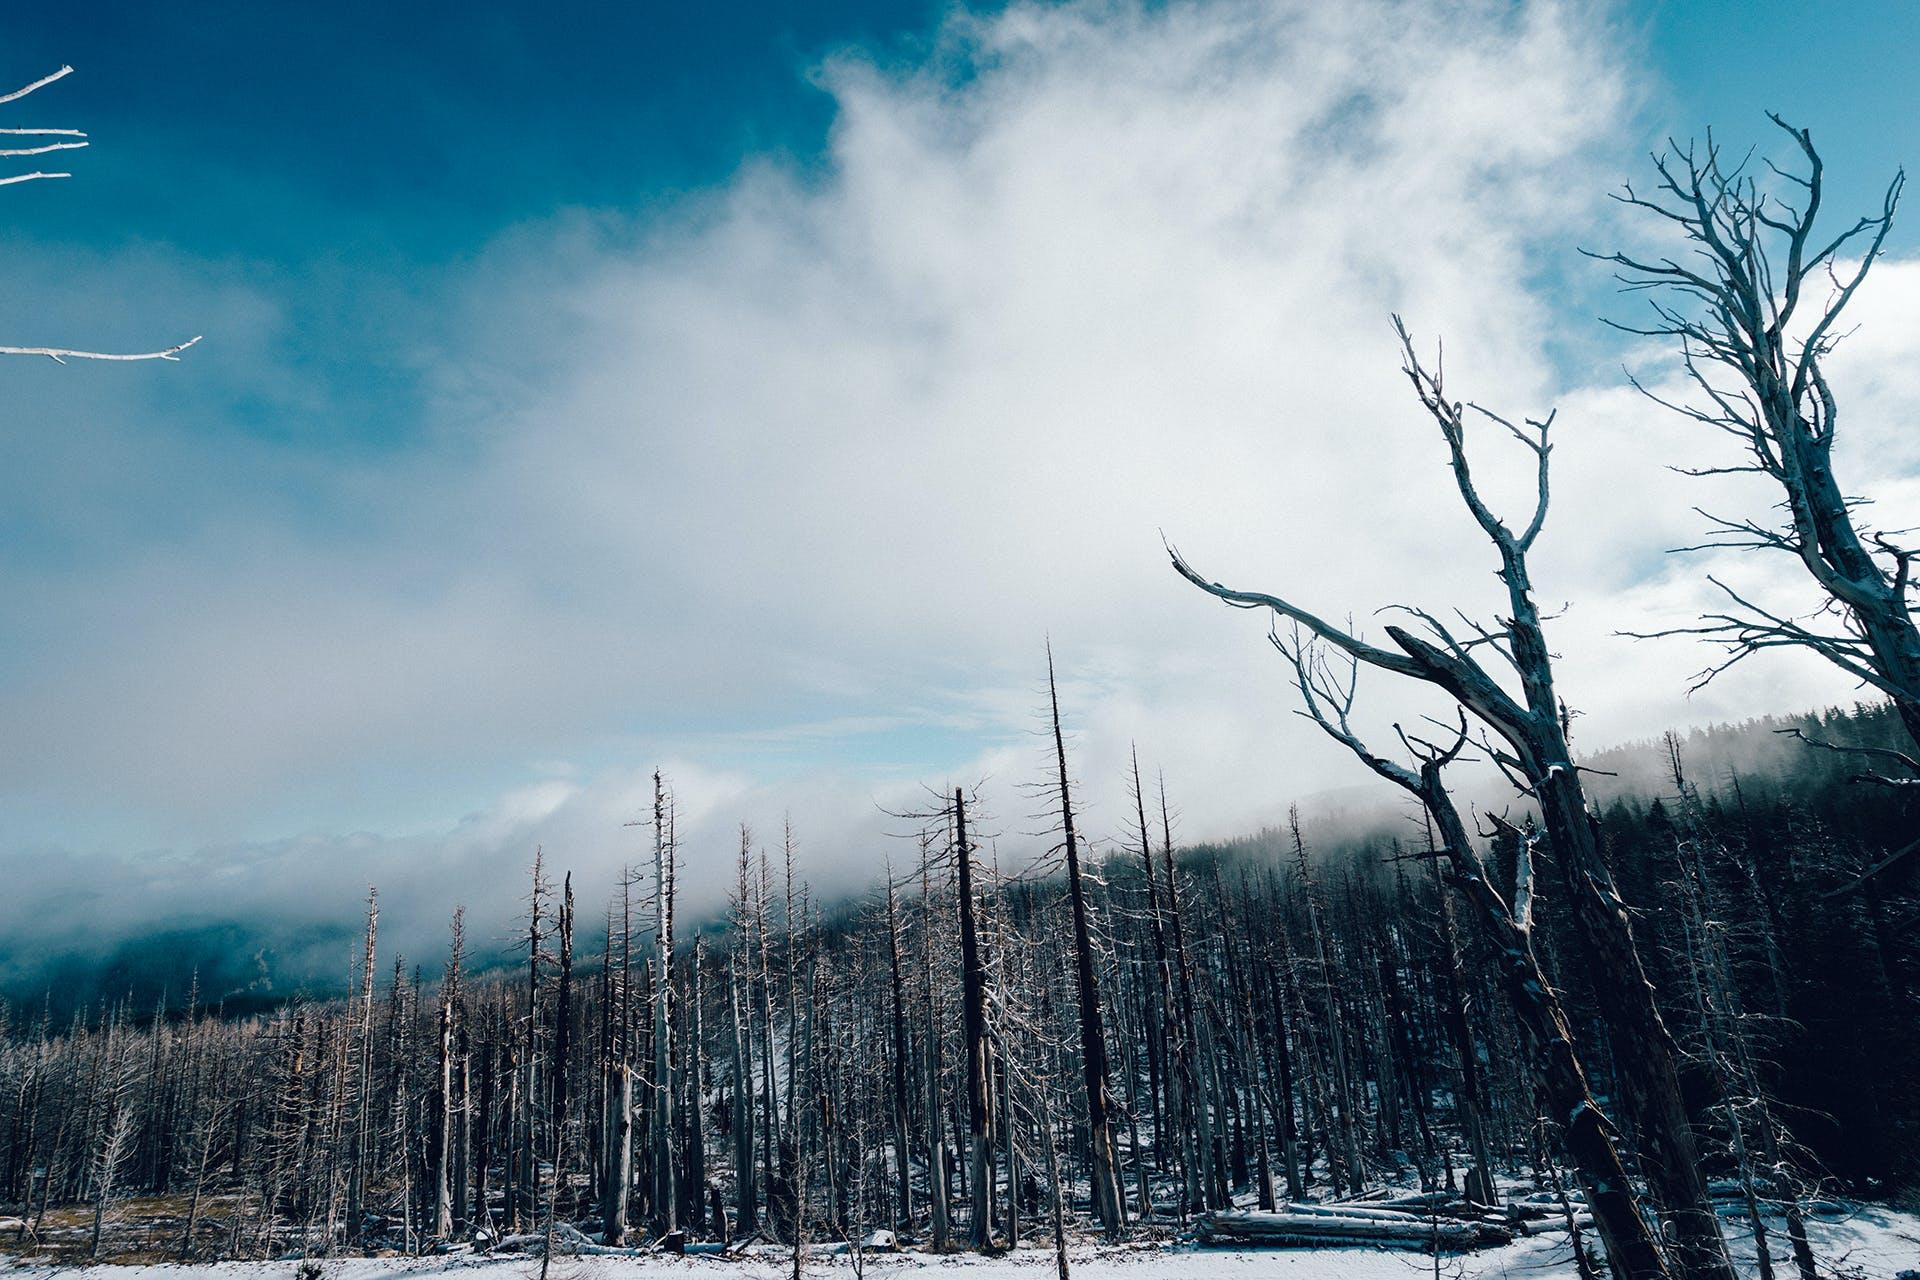 겨울, 나무, 눈